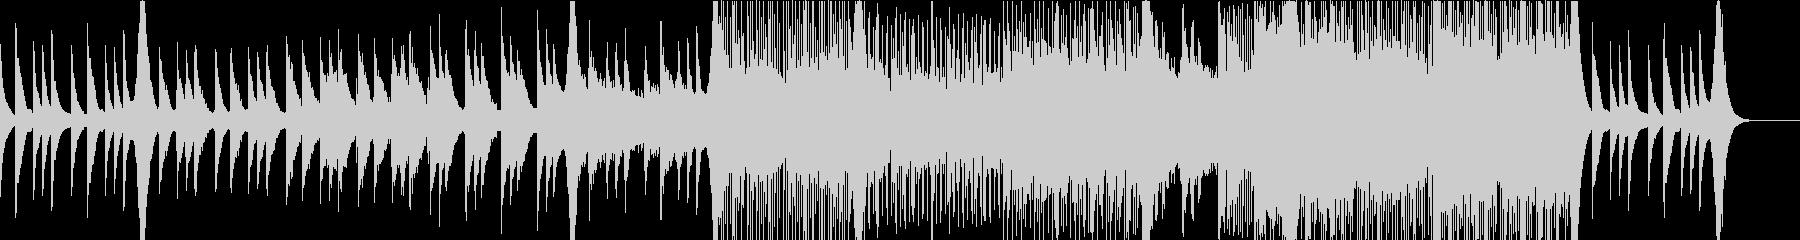 ピアノとストリングスの幻想的な雰囲気の未再生の波形